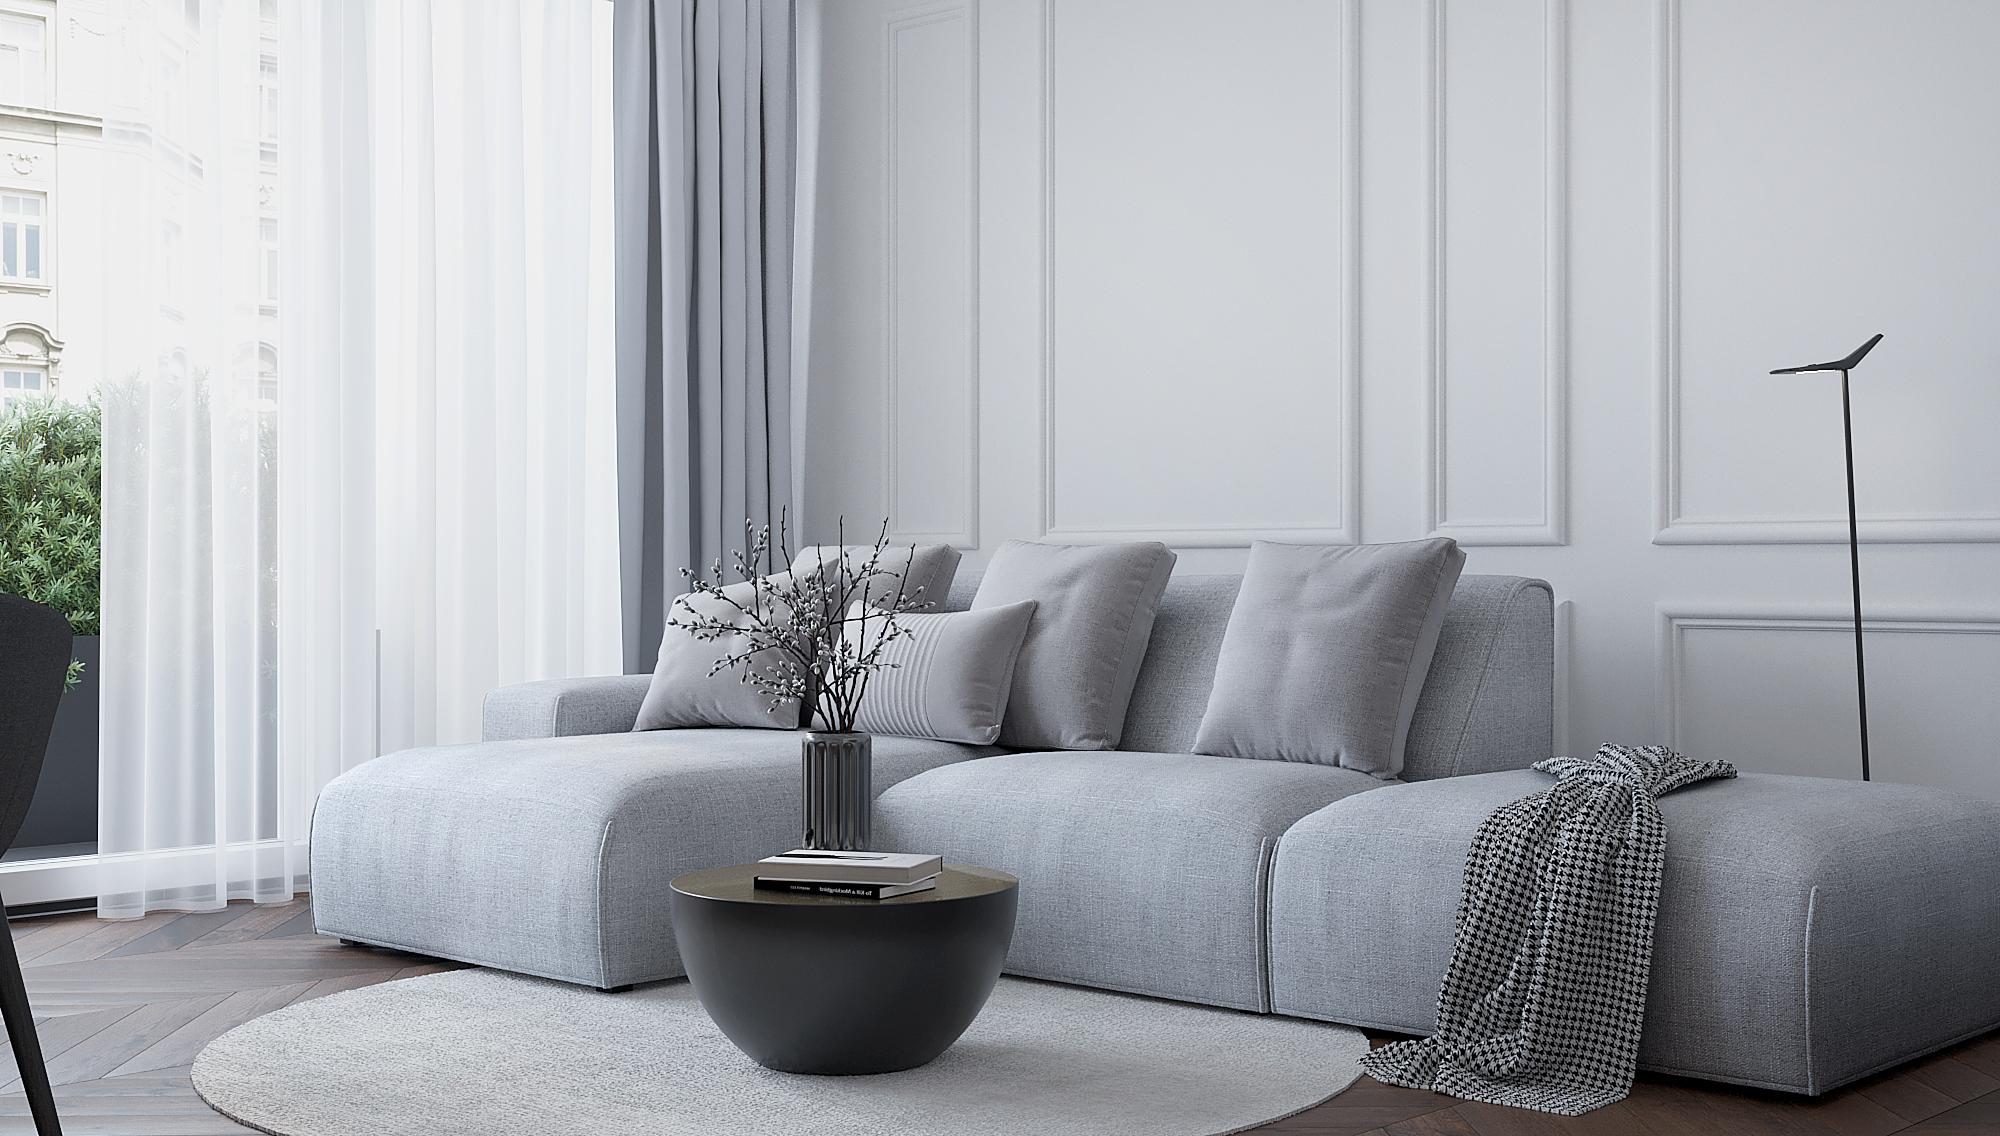 8 architekt wnetrz M489 mieszkanie krakow salon szara sofa czarny stolik kawowy sciana listwy dekoracyjne